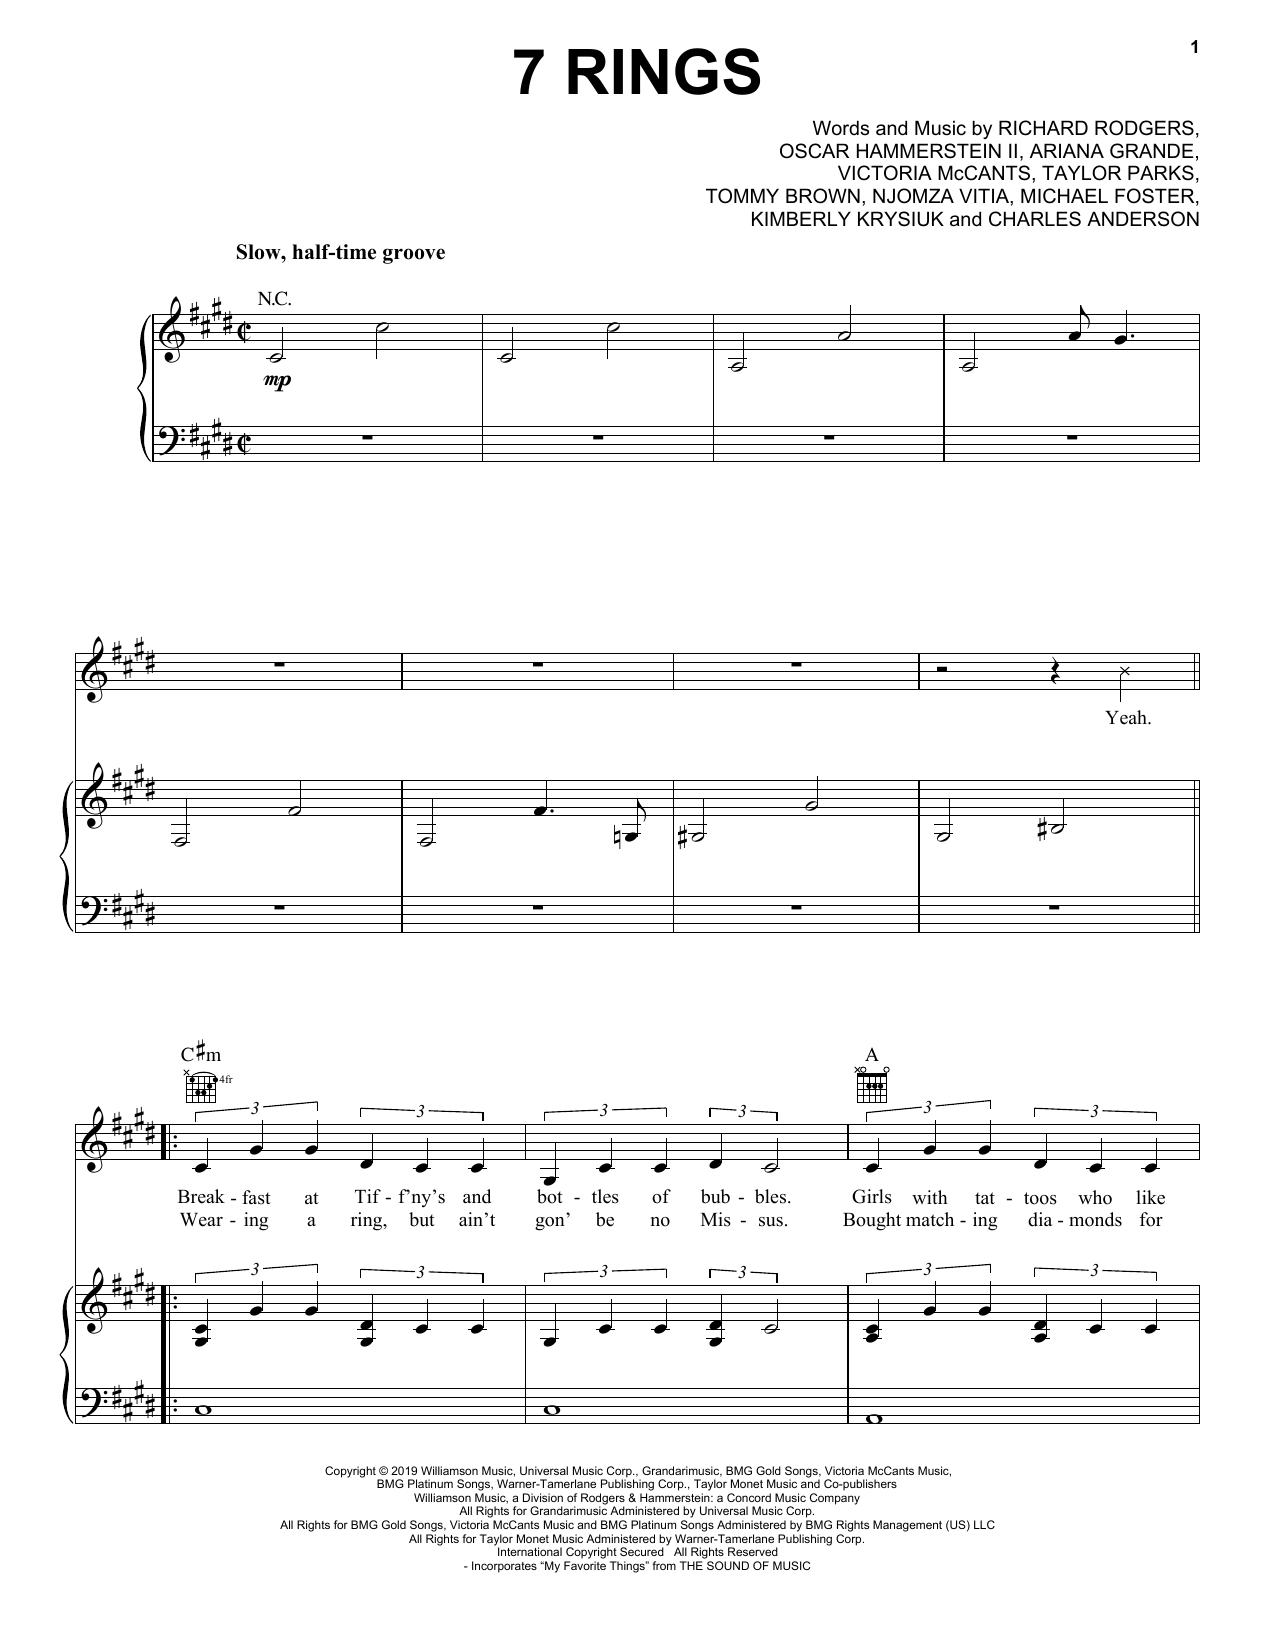 7 rings chords